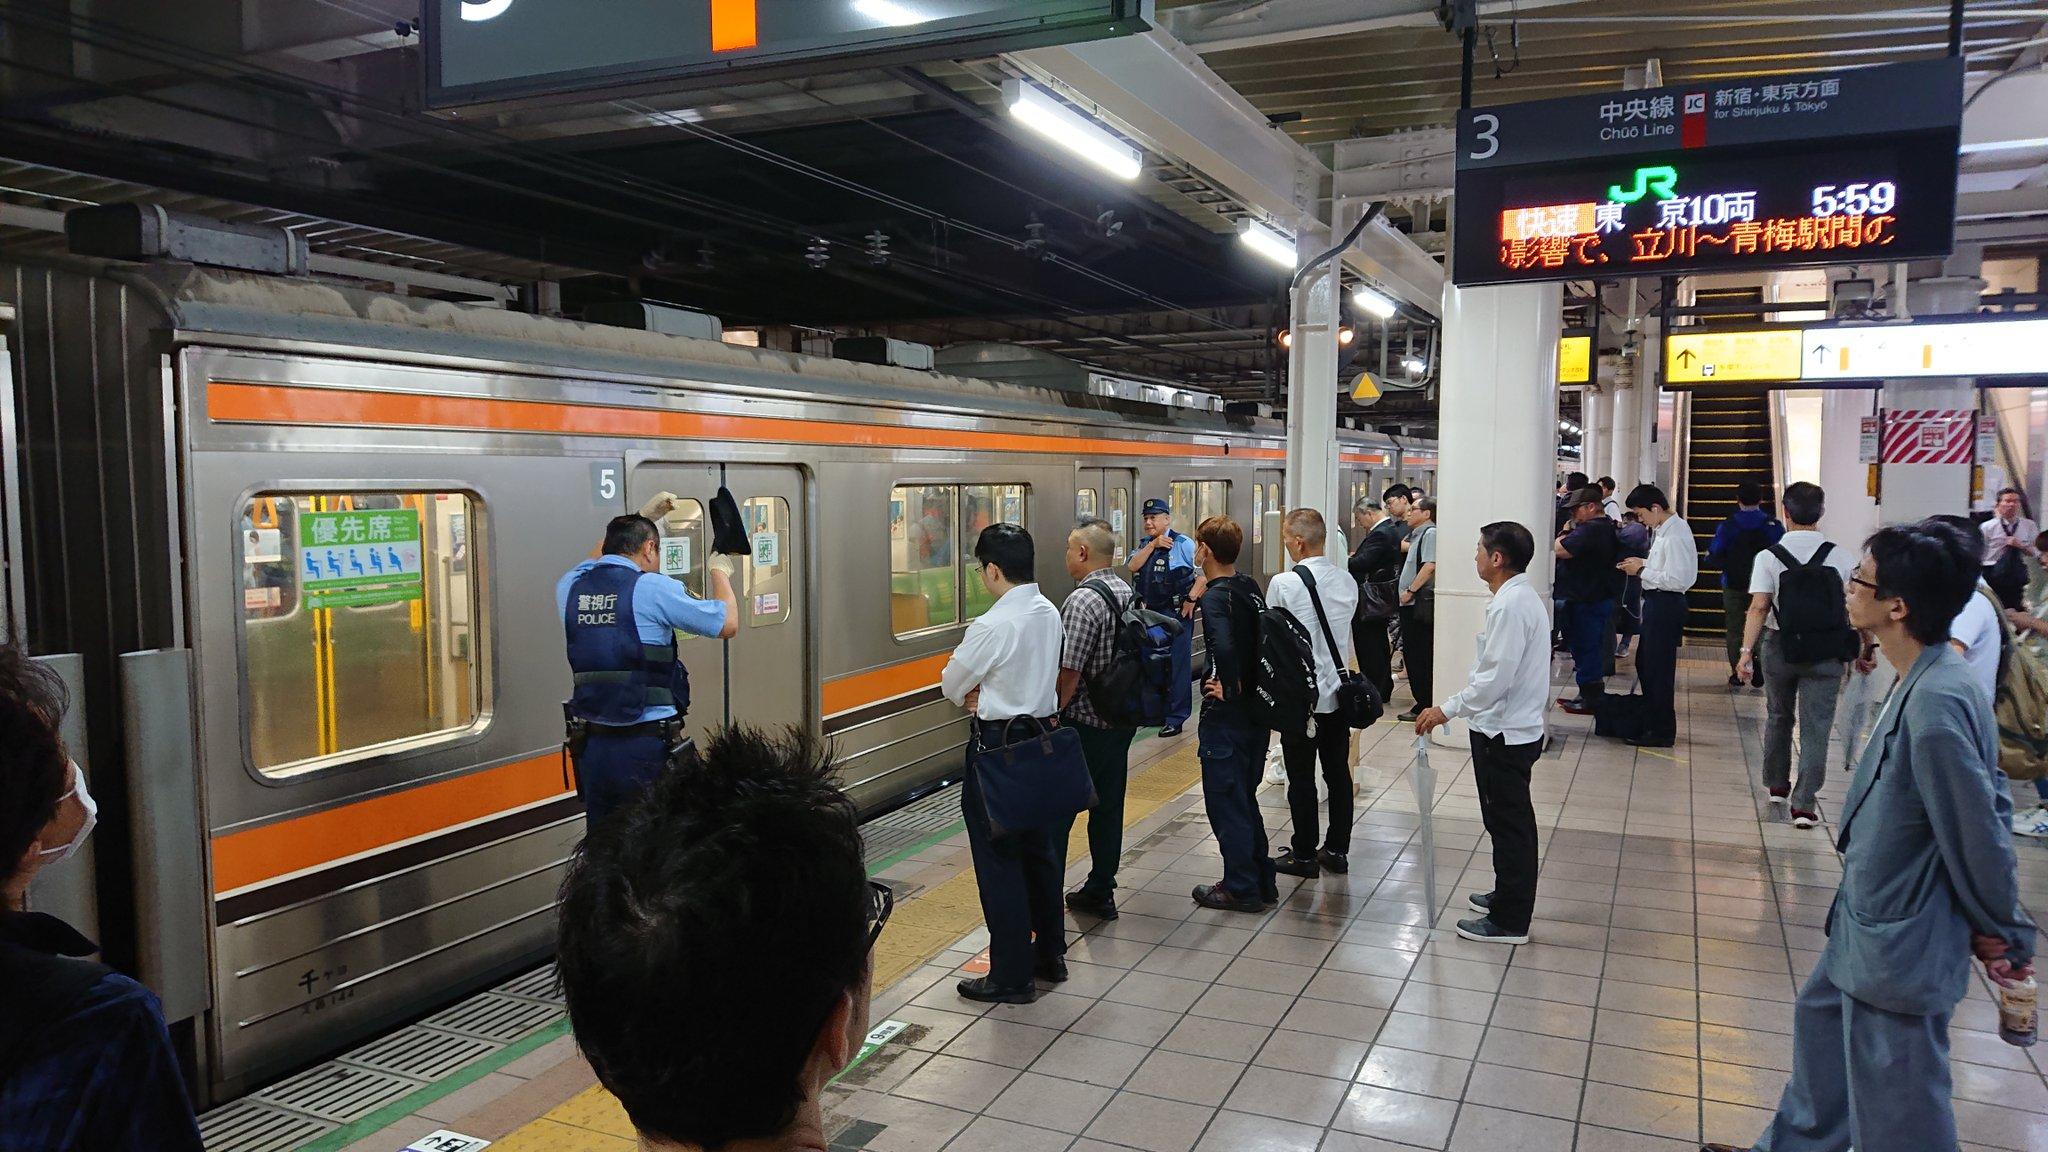 立川駅の人身事故で警察が現場検証している現場の画像